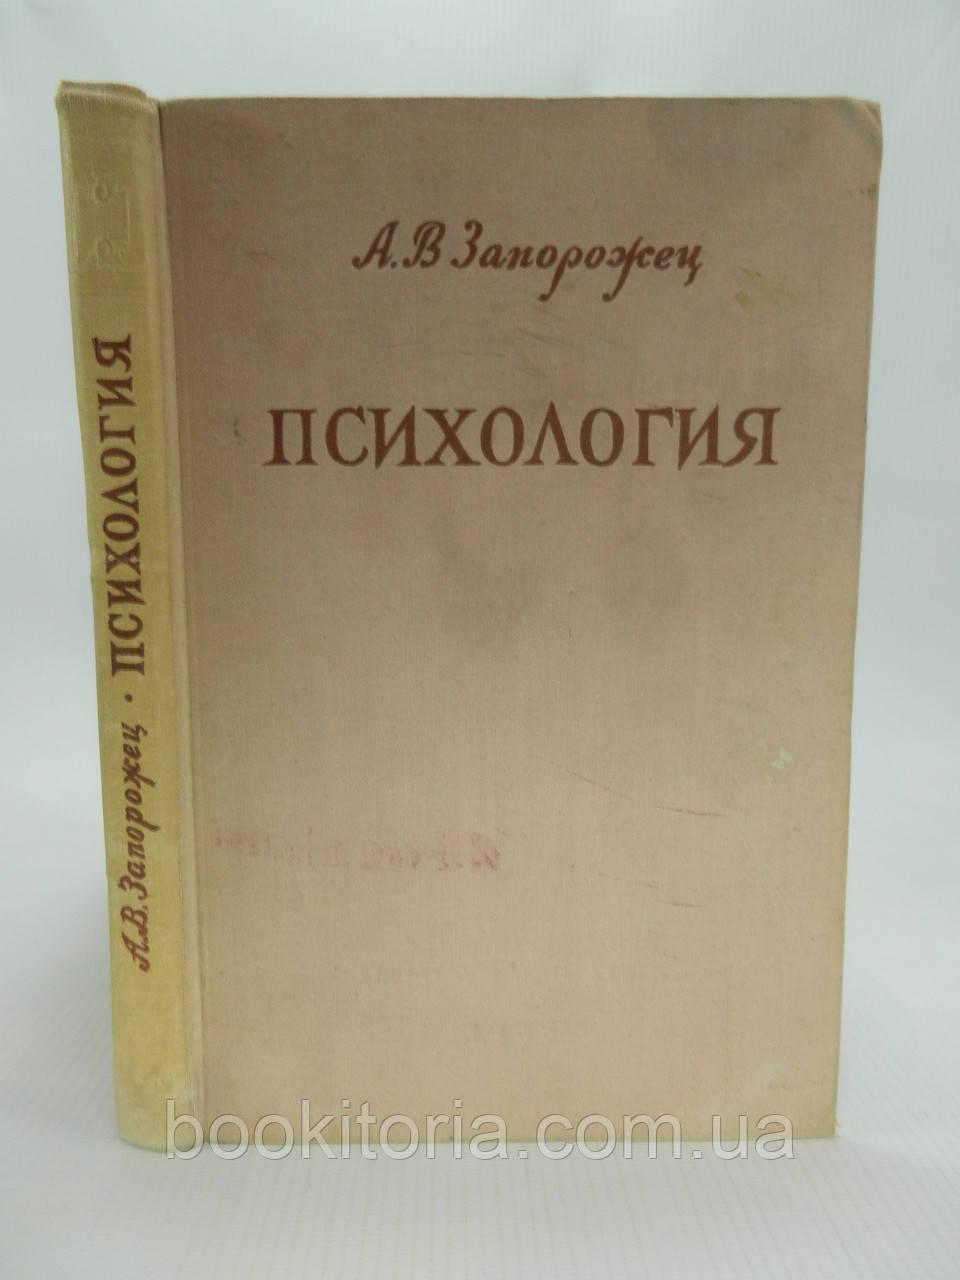 Запорожец А. Психология (б/у).